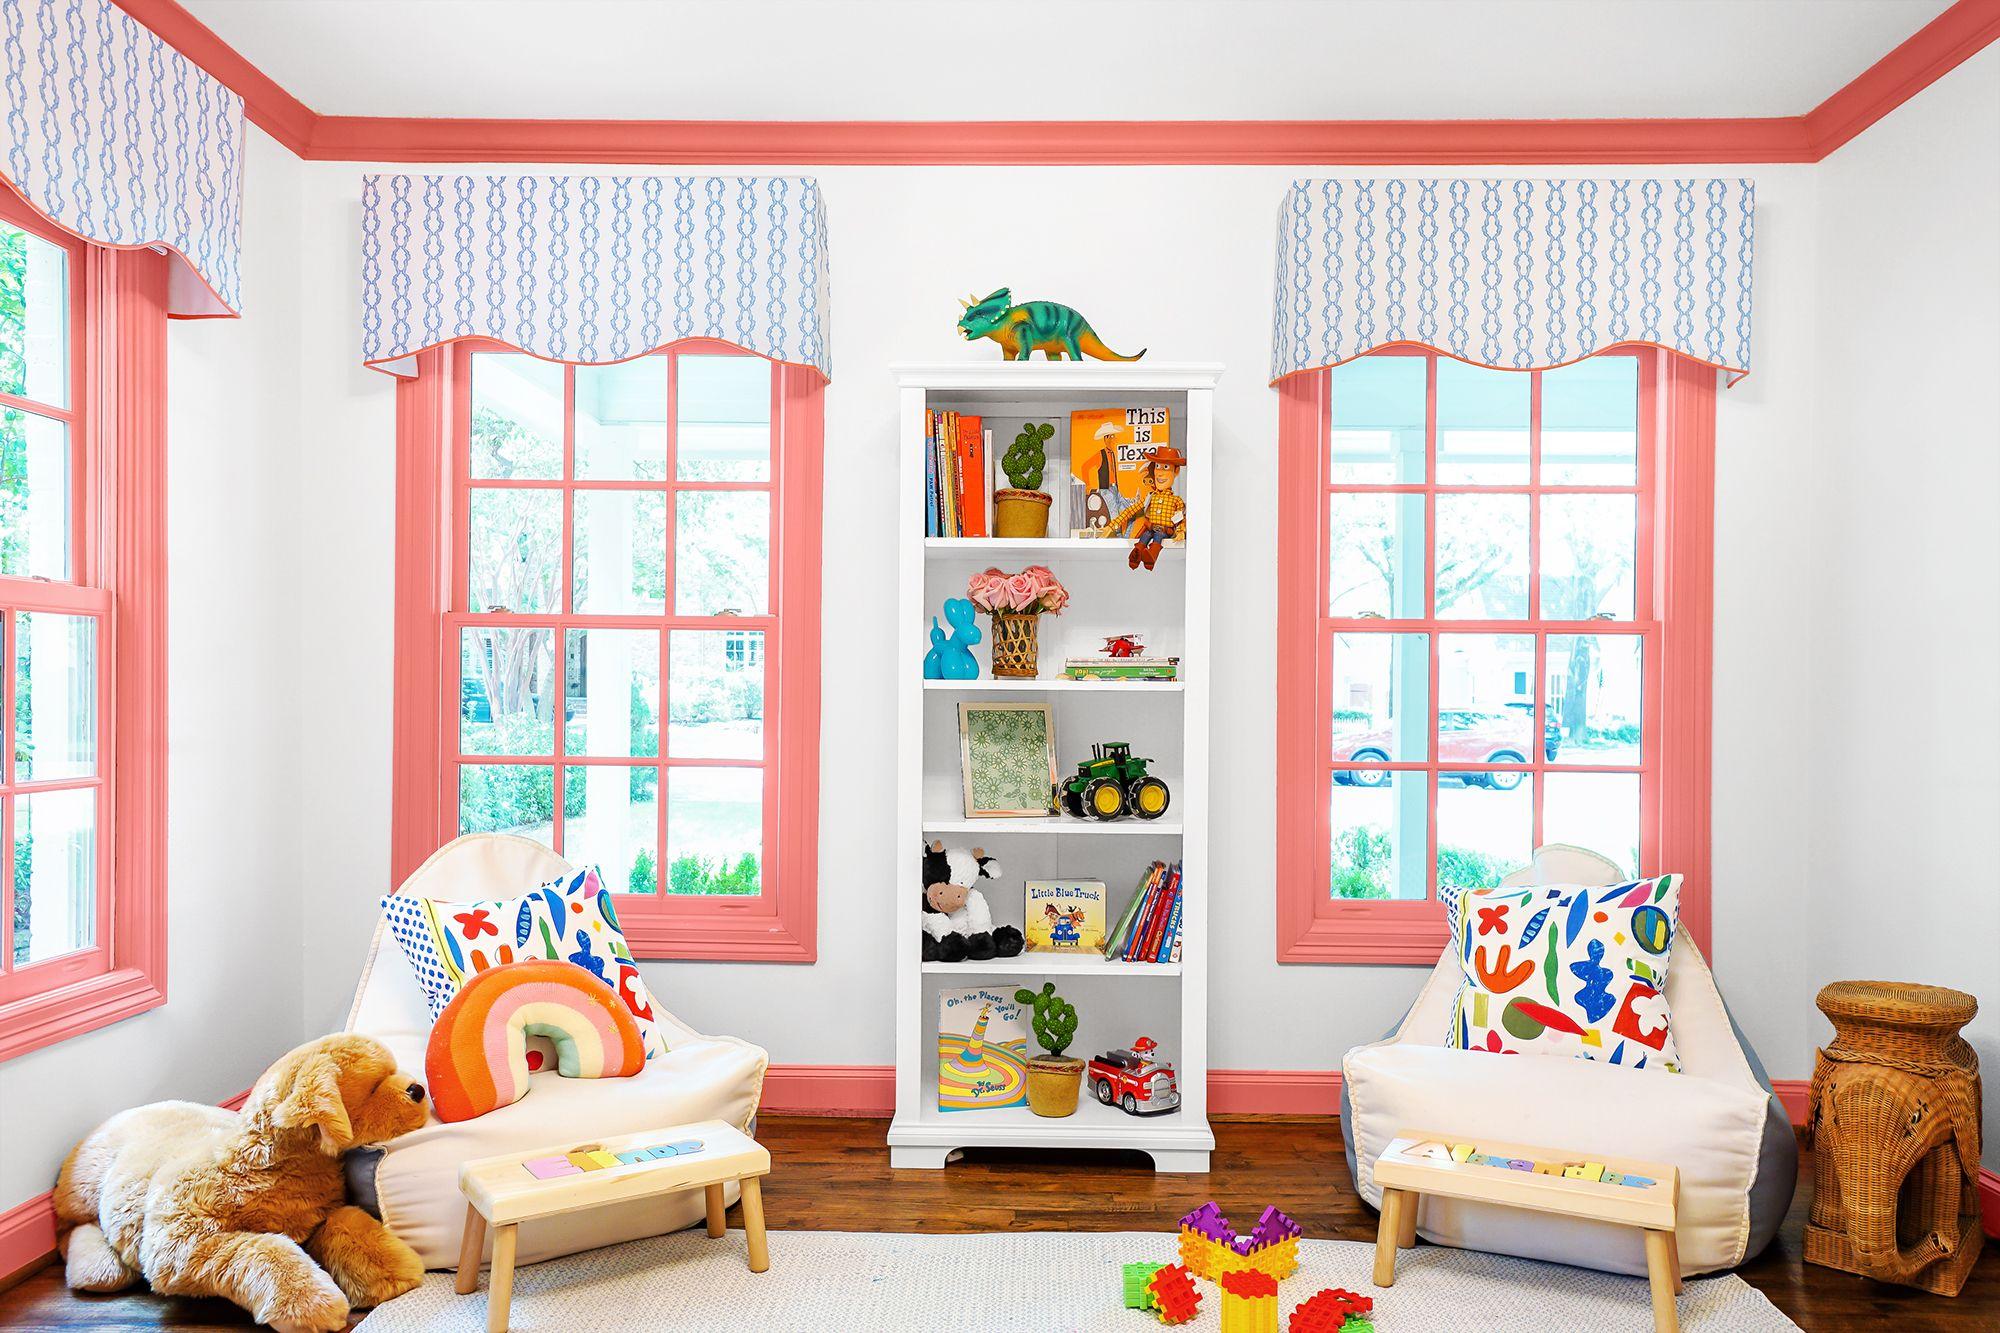 Sweet Dreams Neutral Bedroom Nursery Window Valance Pink Floral Kidsline Green